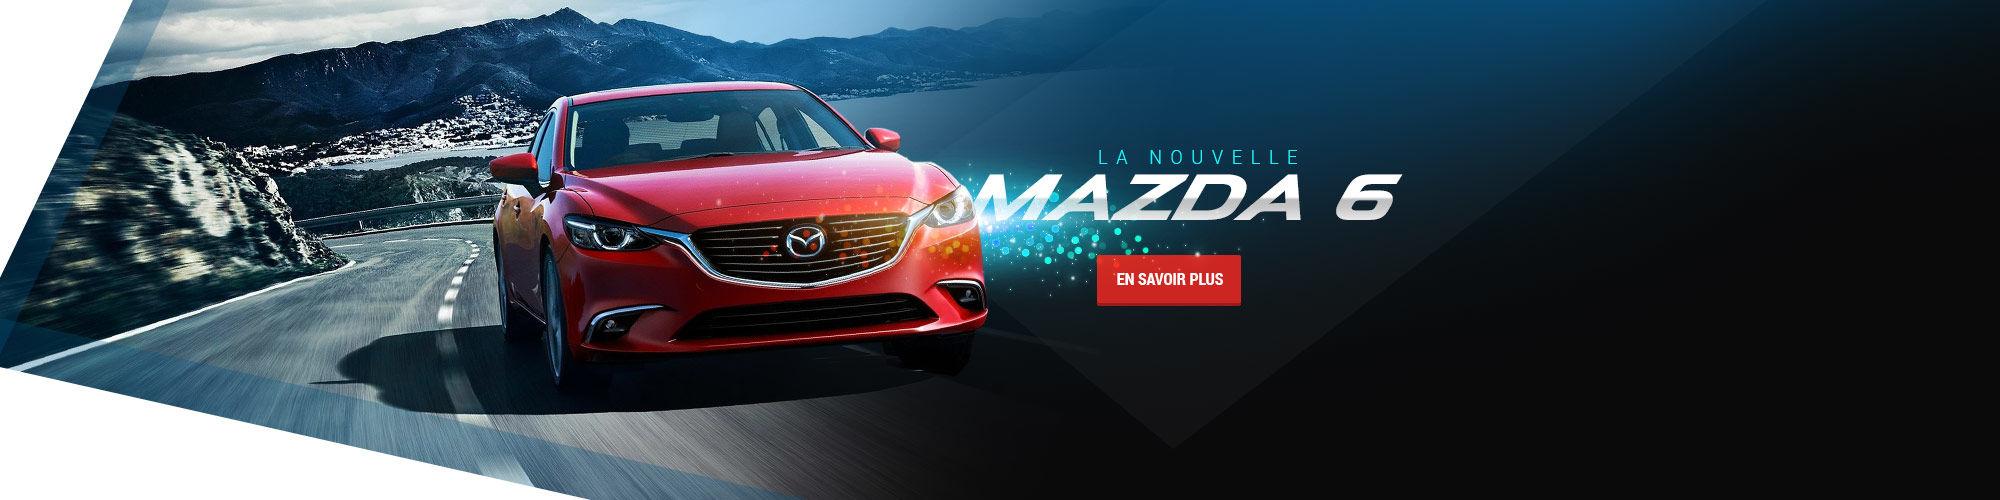 La nouvelle Mazda 6 (Nouveau site)